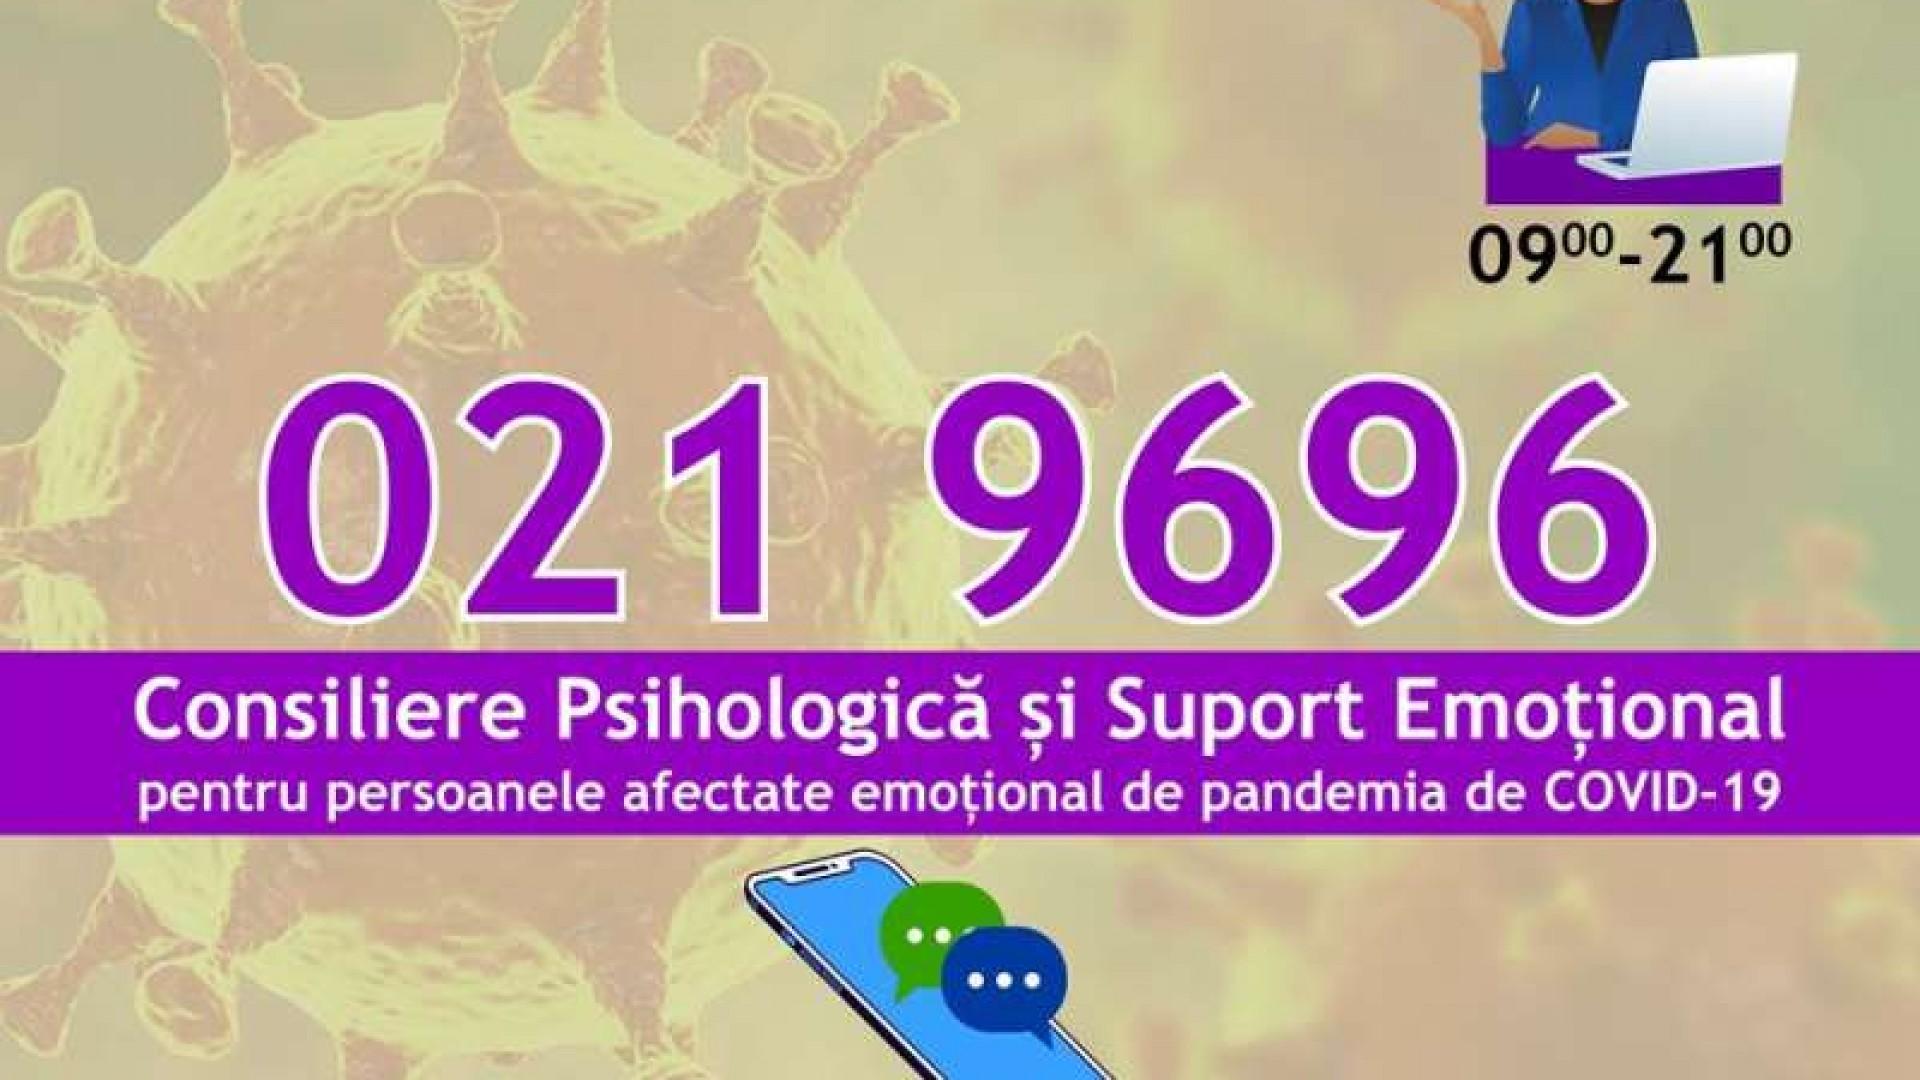 Linie telefonică de asistenţă psihologică pentru persoanele afectate de epidemia de coronavirus